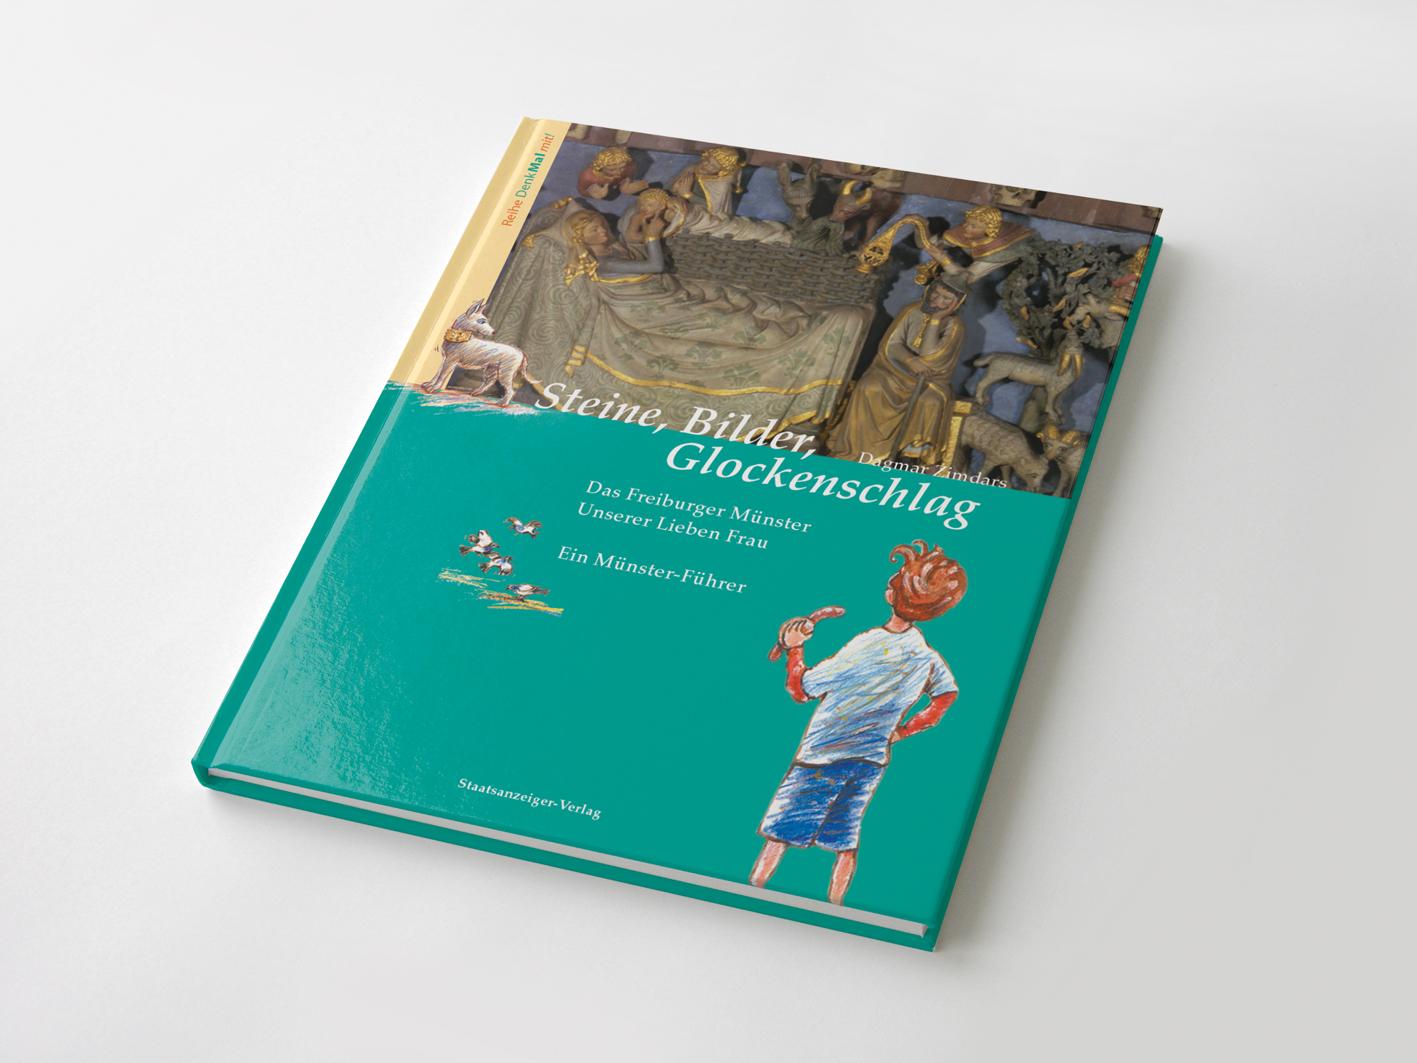 Steine, Bilder, Glockenschlag 04